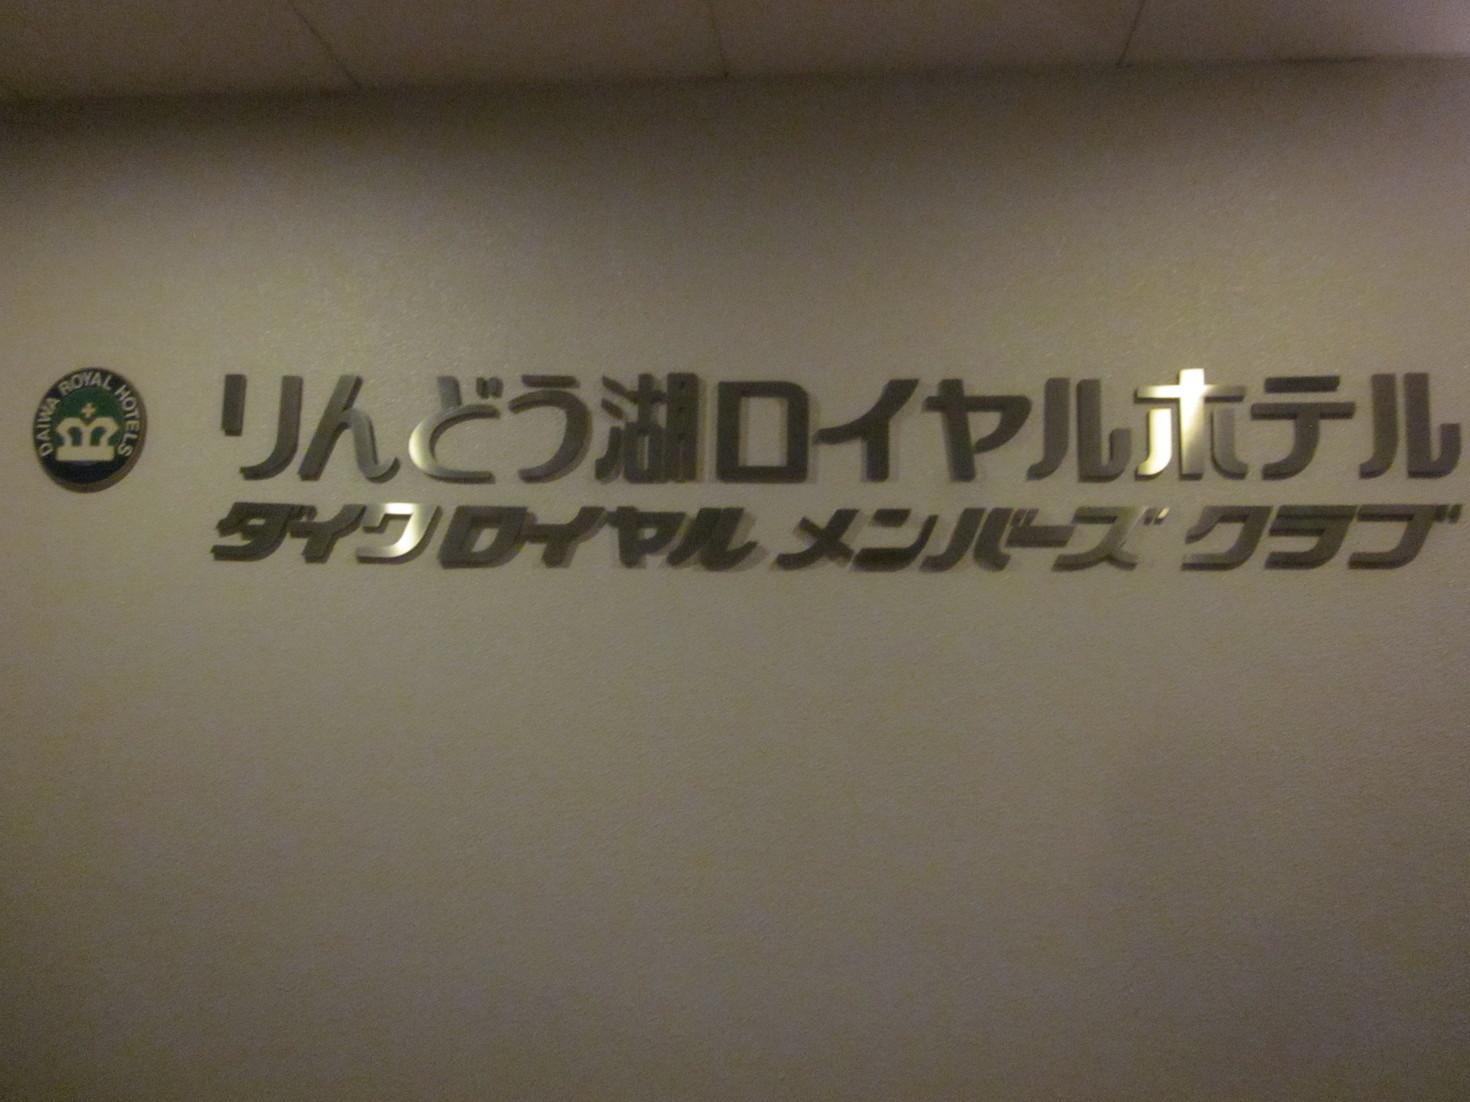 りんどう湖ロイヤルホテルロイヤルホール name=